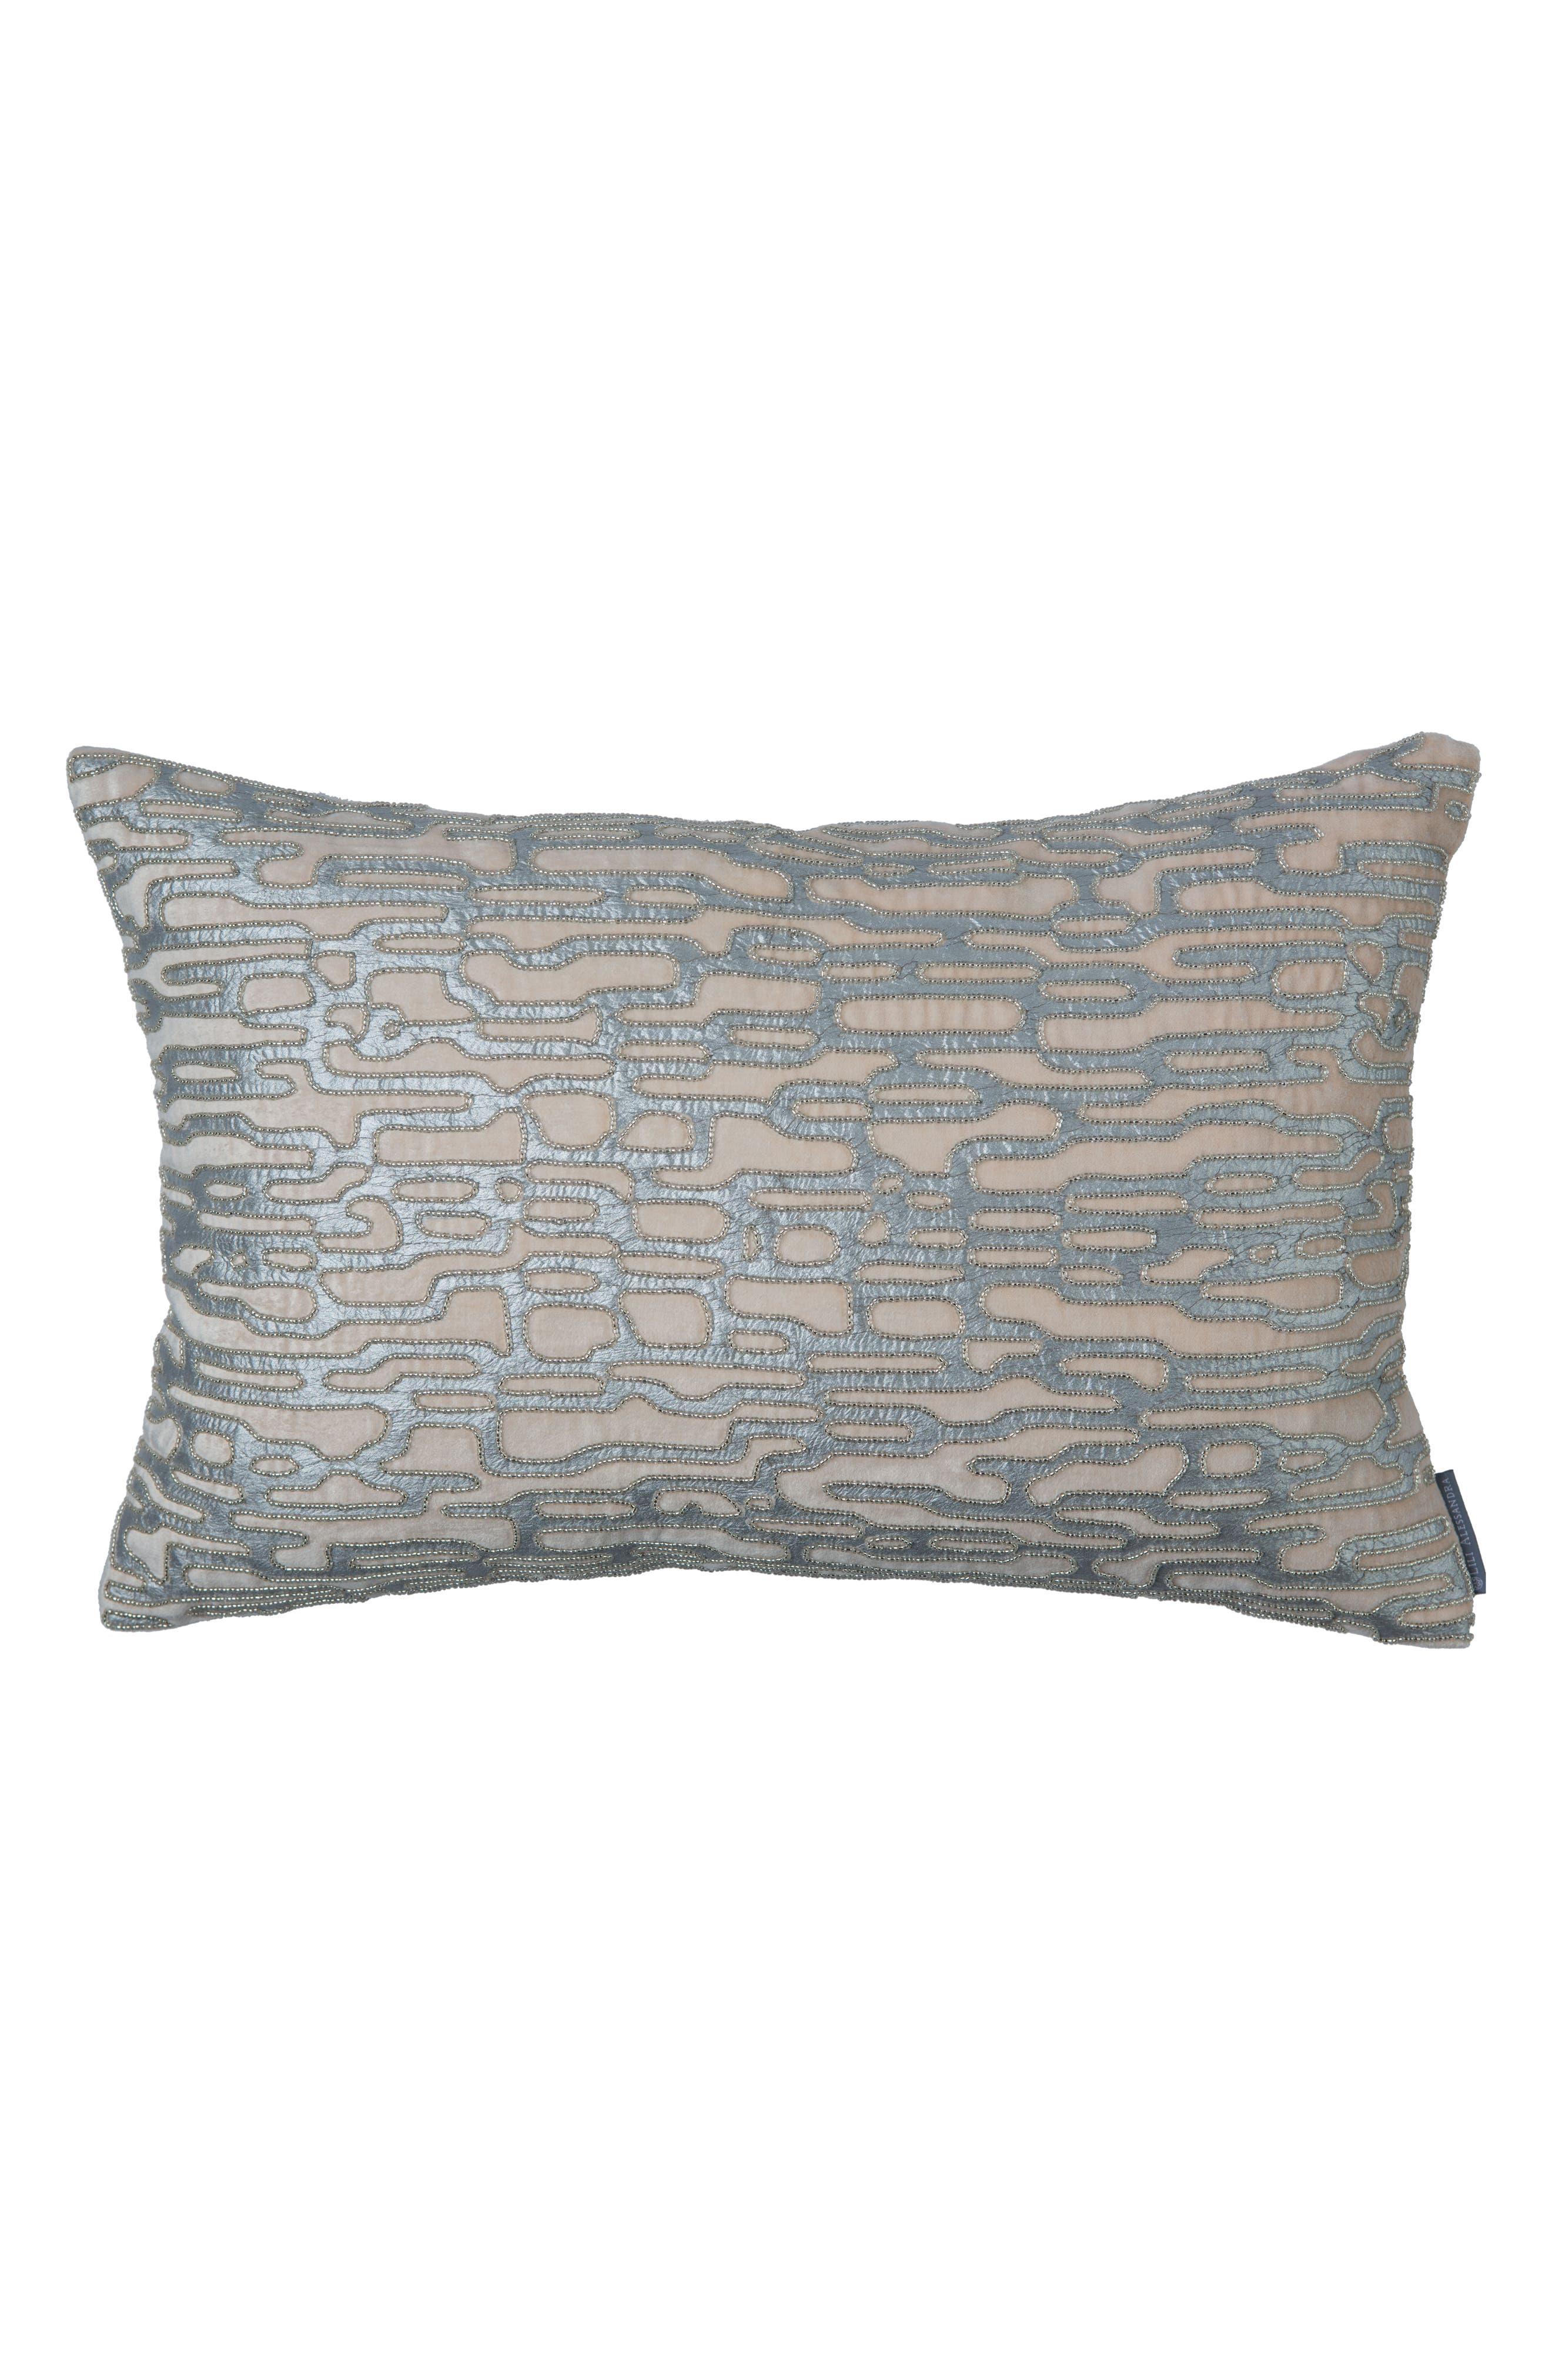 Christian Beaded Velvet Accent Pillow,                         Main,                         color, 020